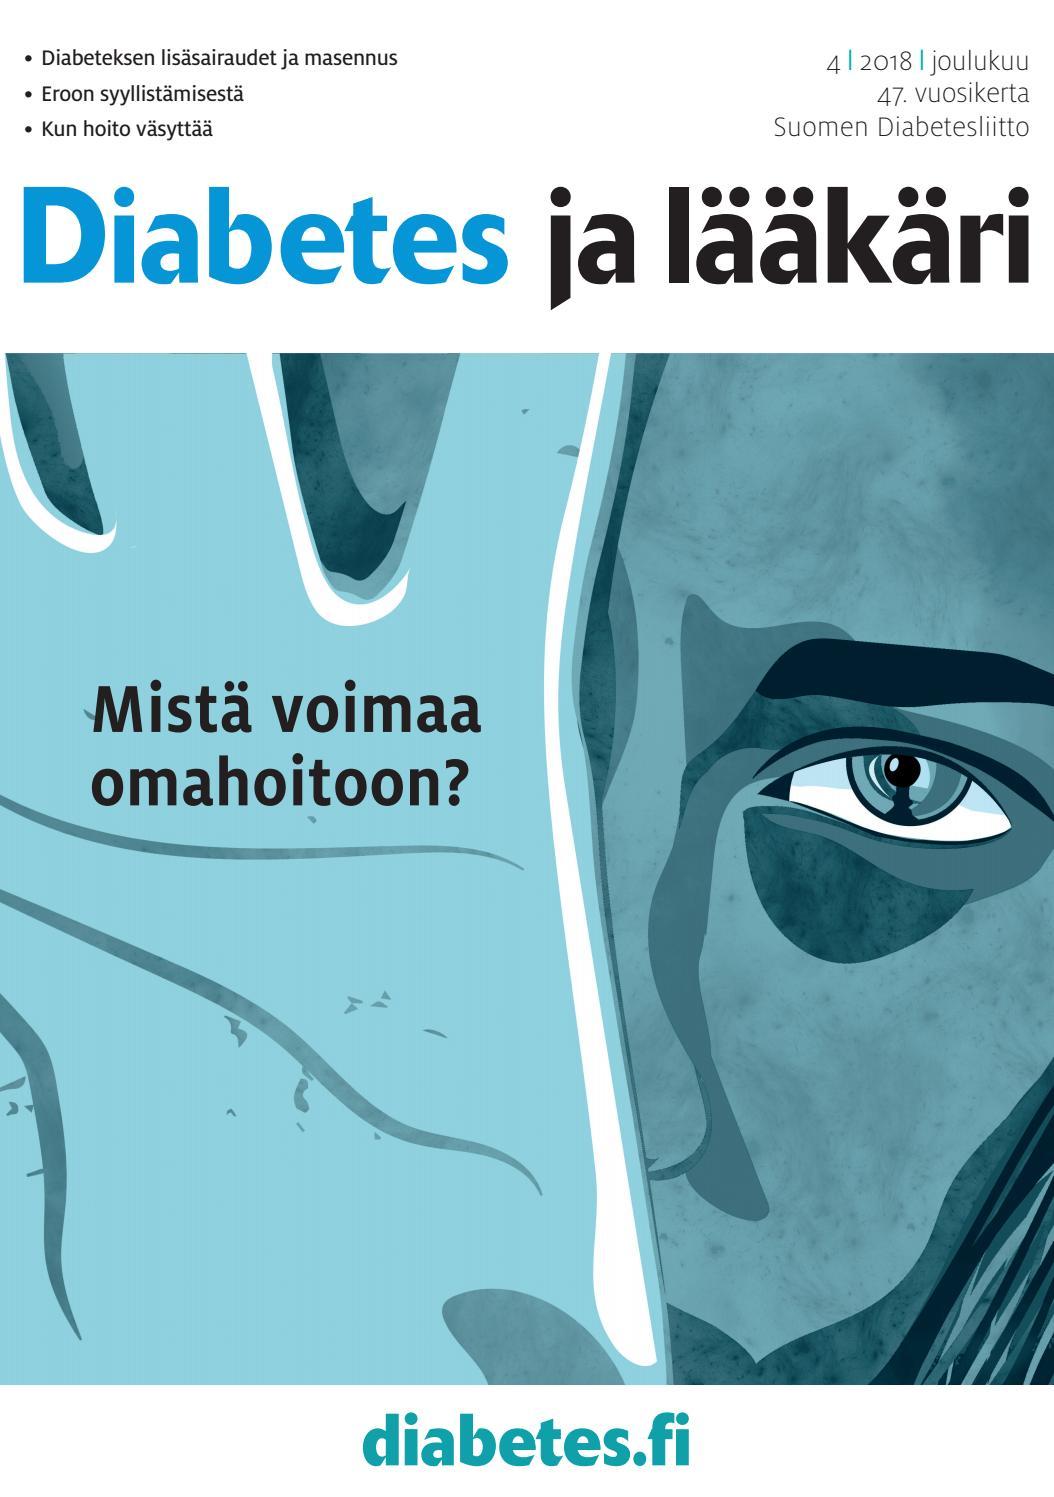 diabetesliitto pori